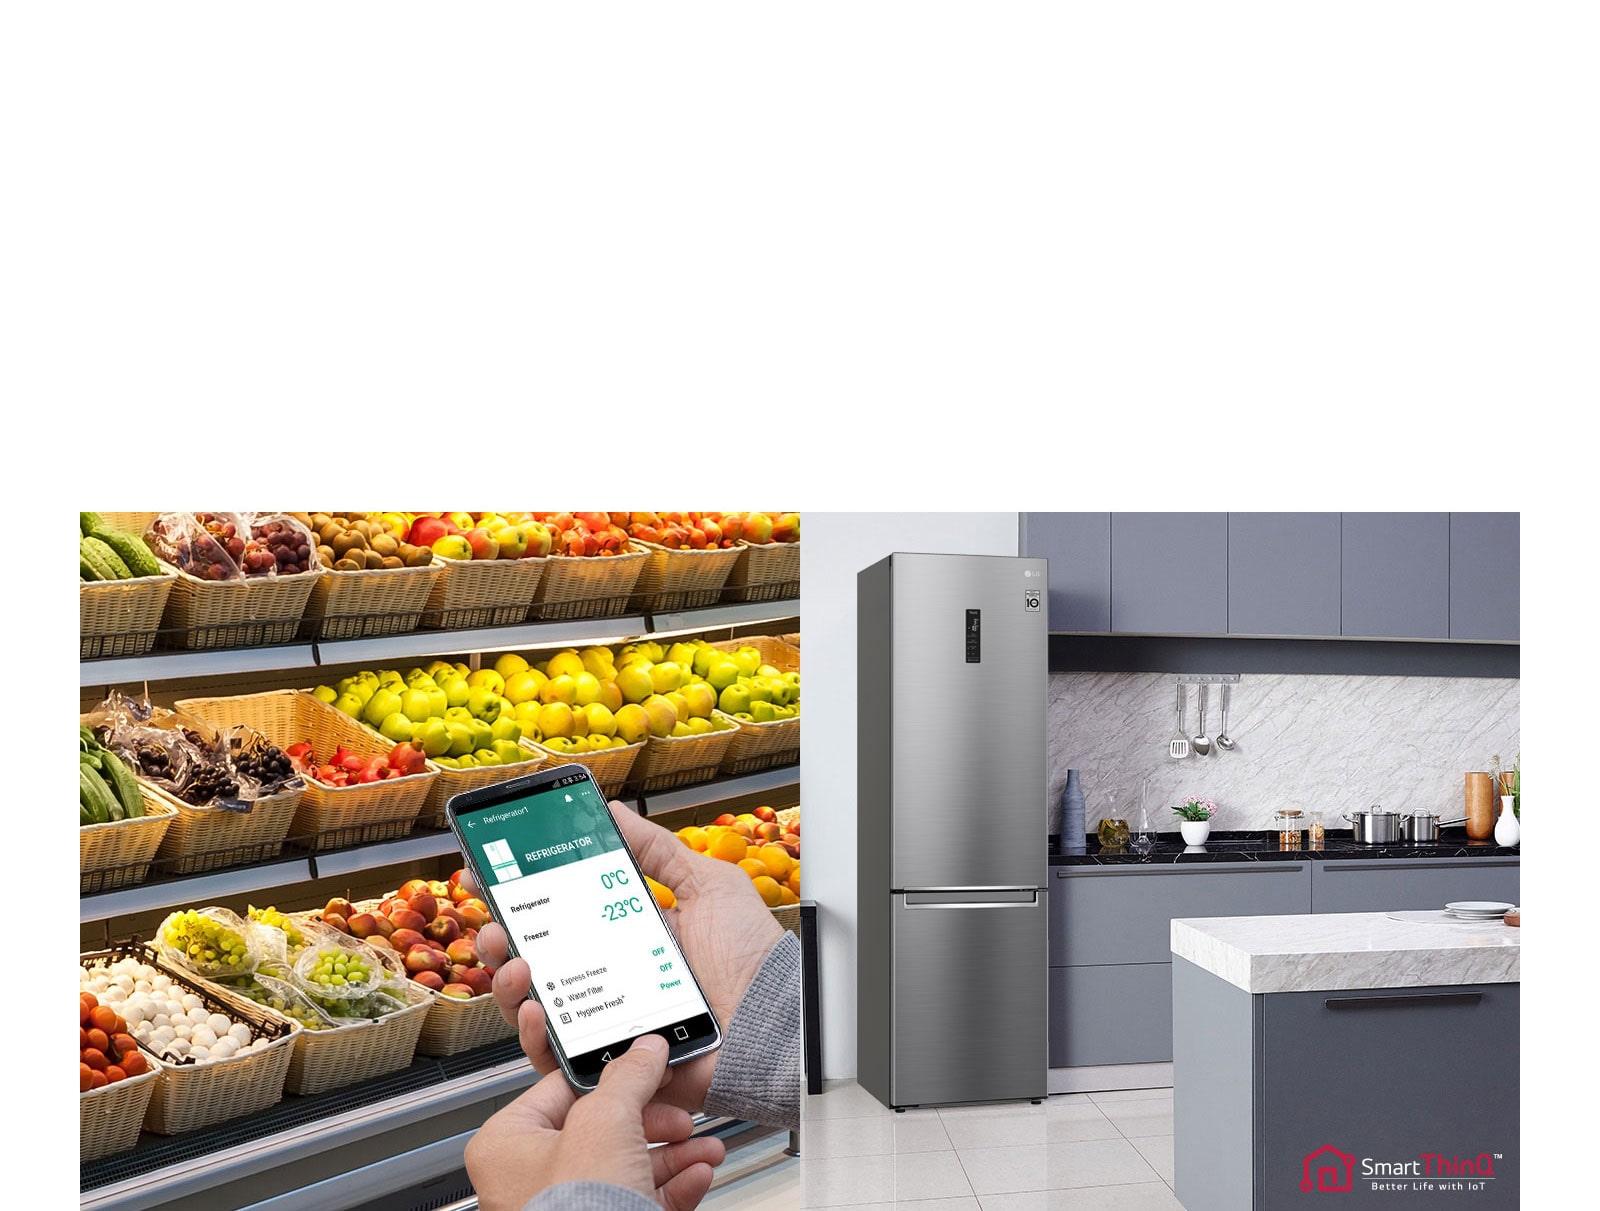 Ρυθμίστε το ψυγείο σας εξ αποστάσεως